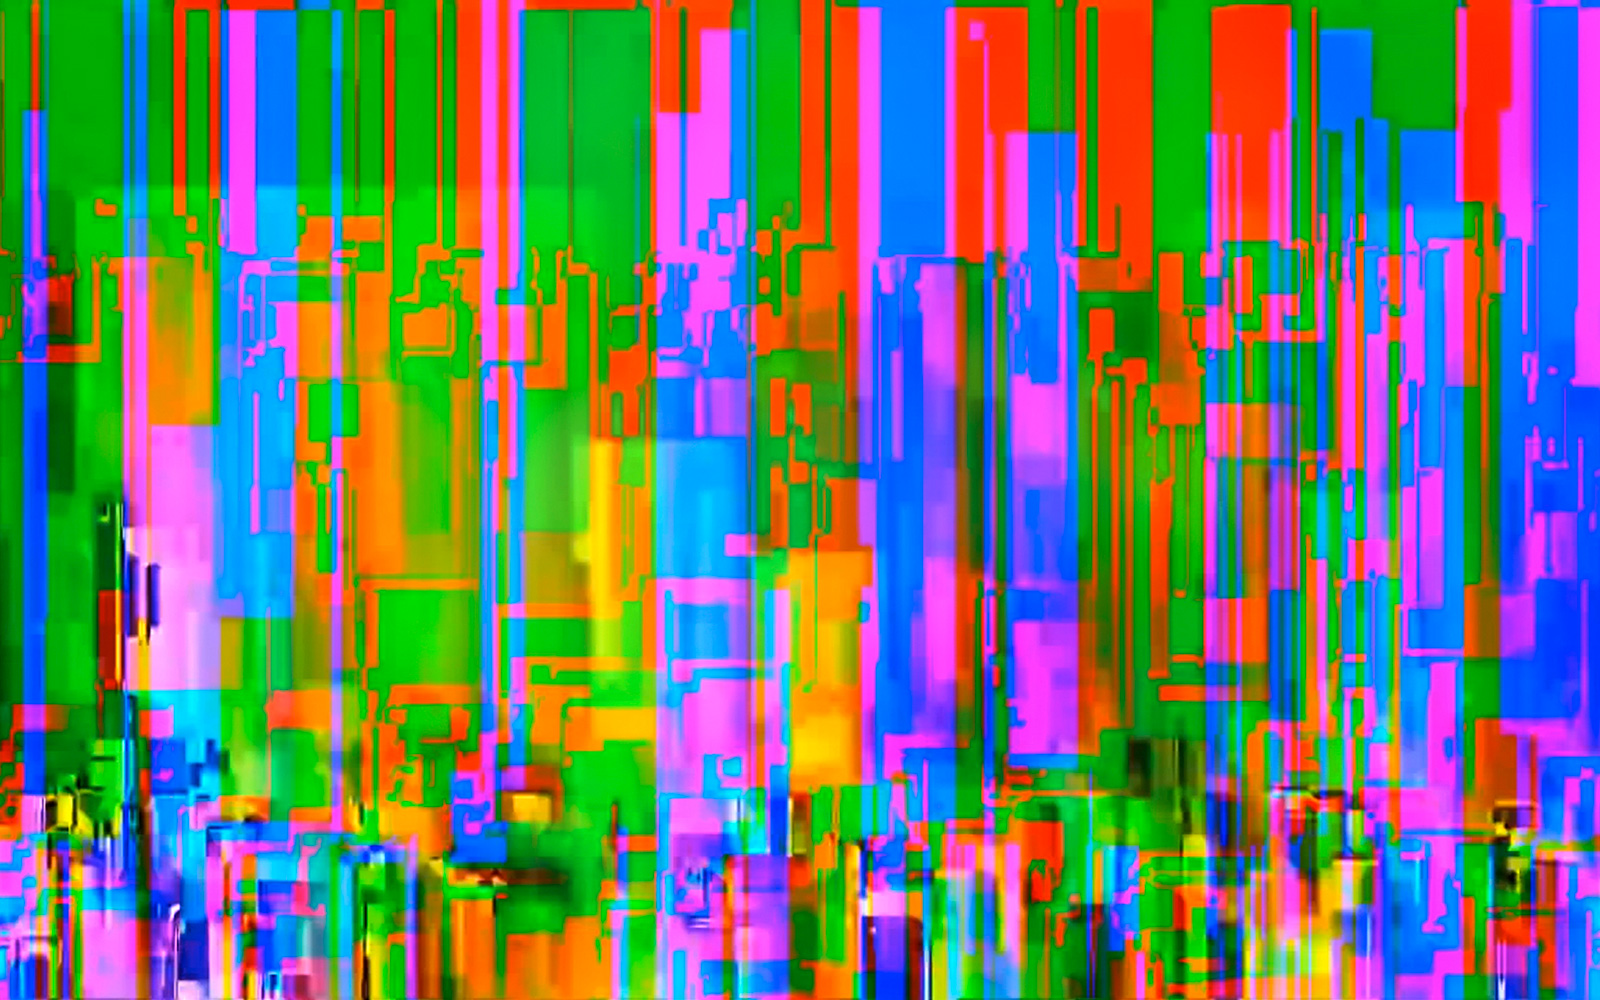 Elias Wessel   Cityscapes #4 , 2014-15  Color Photograph  152,4 x 243,8 cm